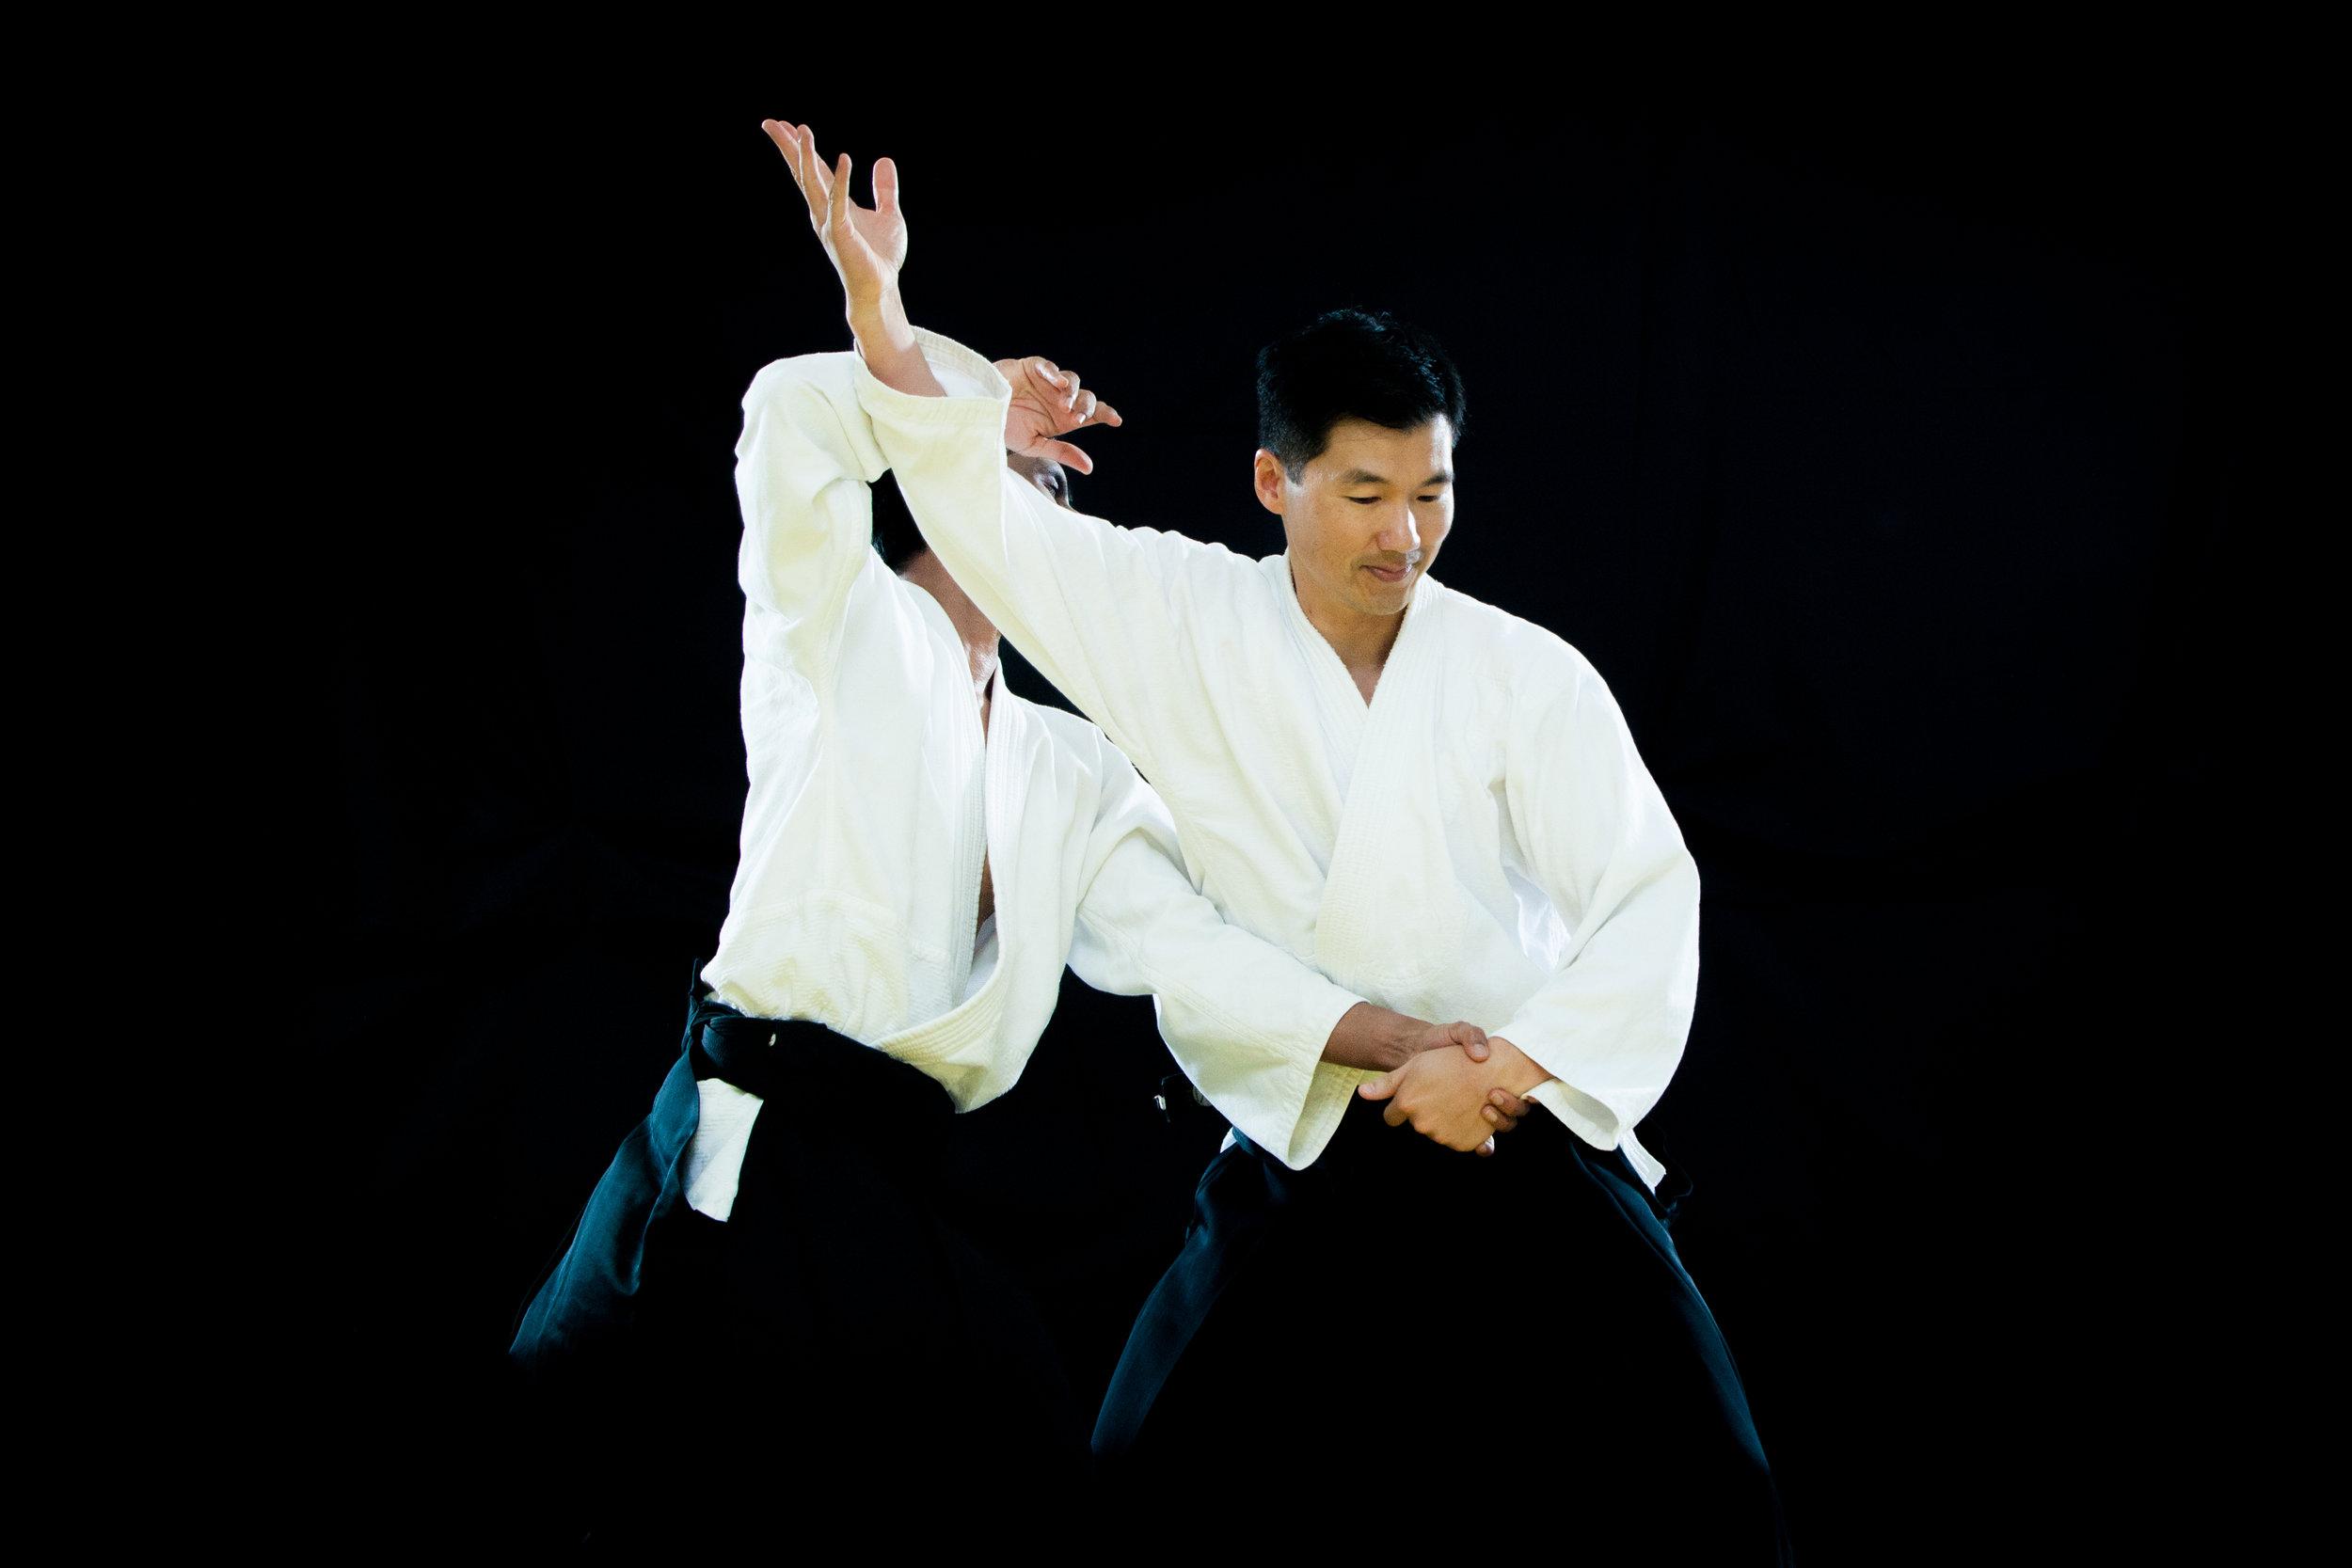 aikido-86.jpg